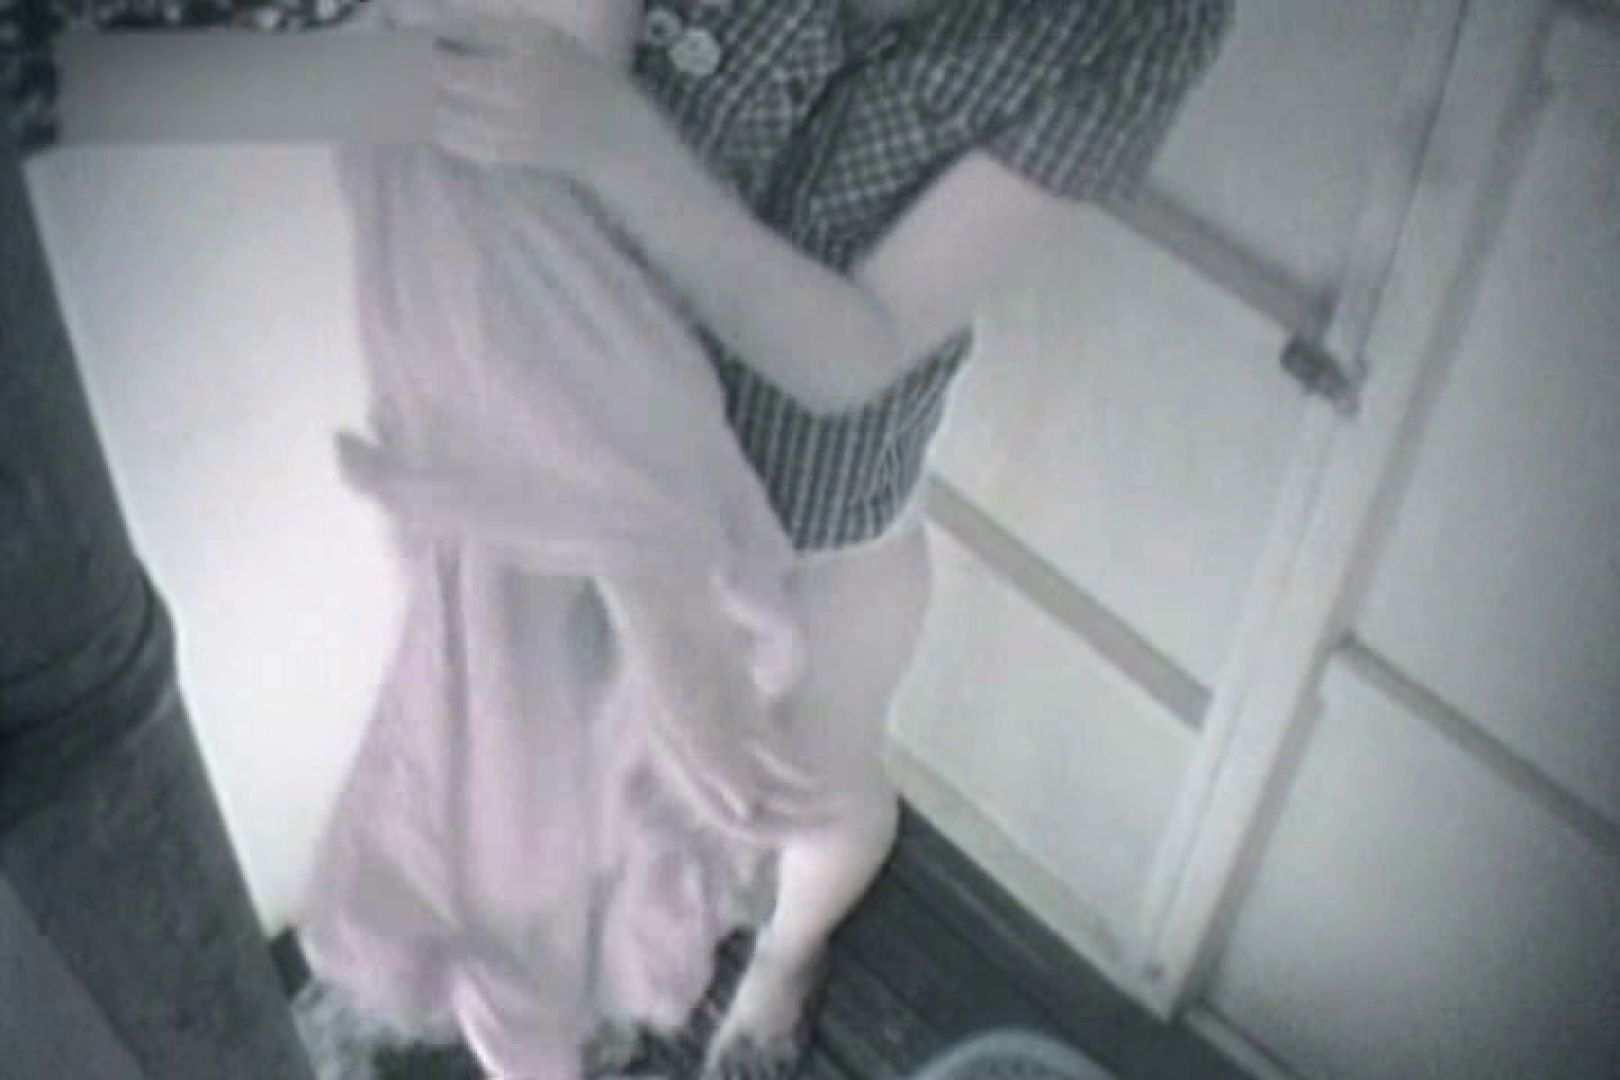 夏海シャワー室!ベトベトお肌をサラサラに!VOL.02 シャワー室 | シャワー  63PIX 46